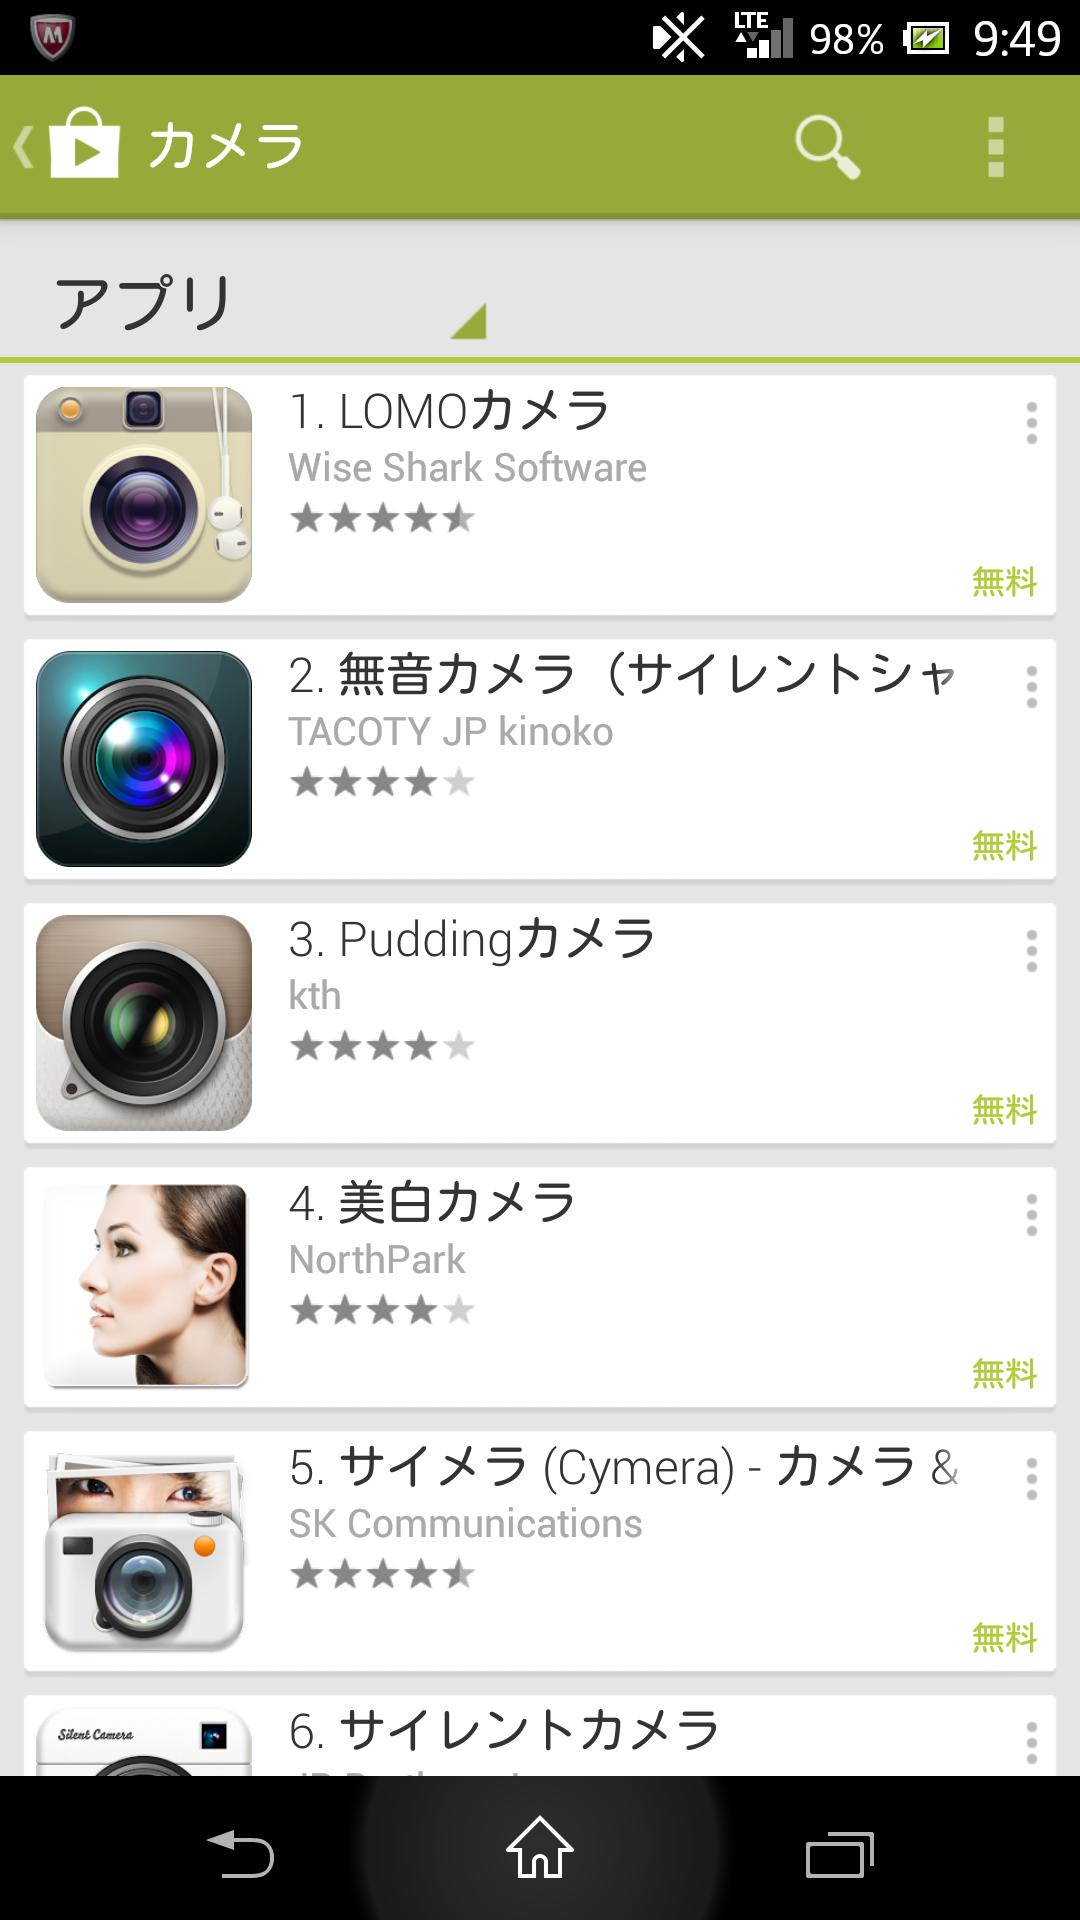 オススメの写真系アプリ!!